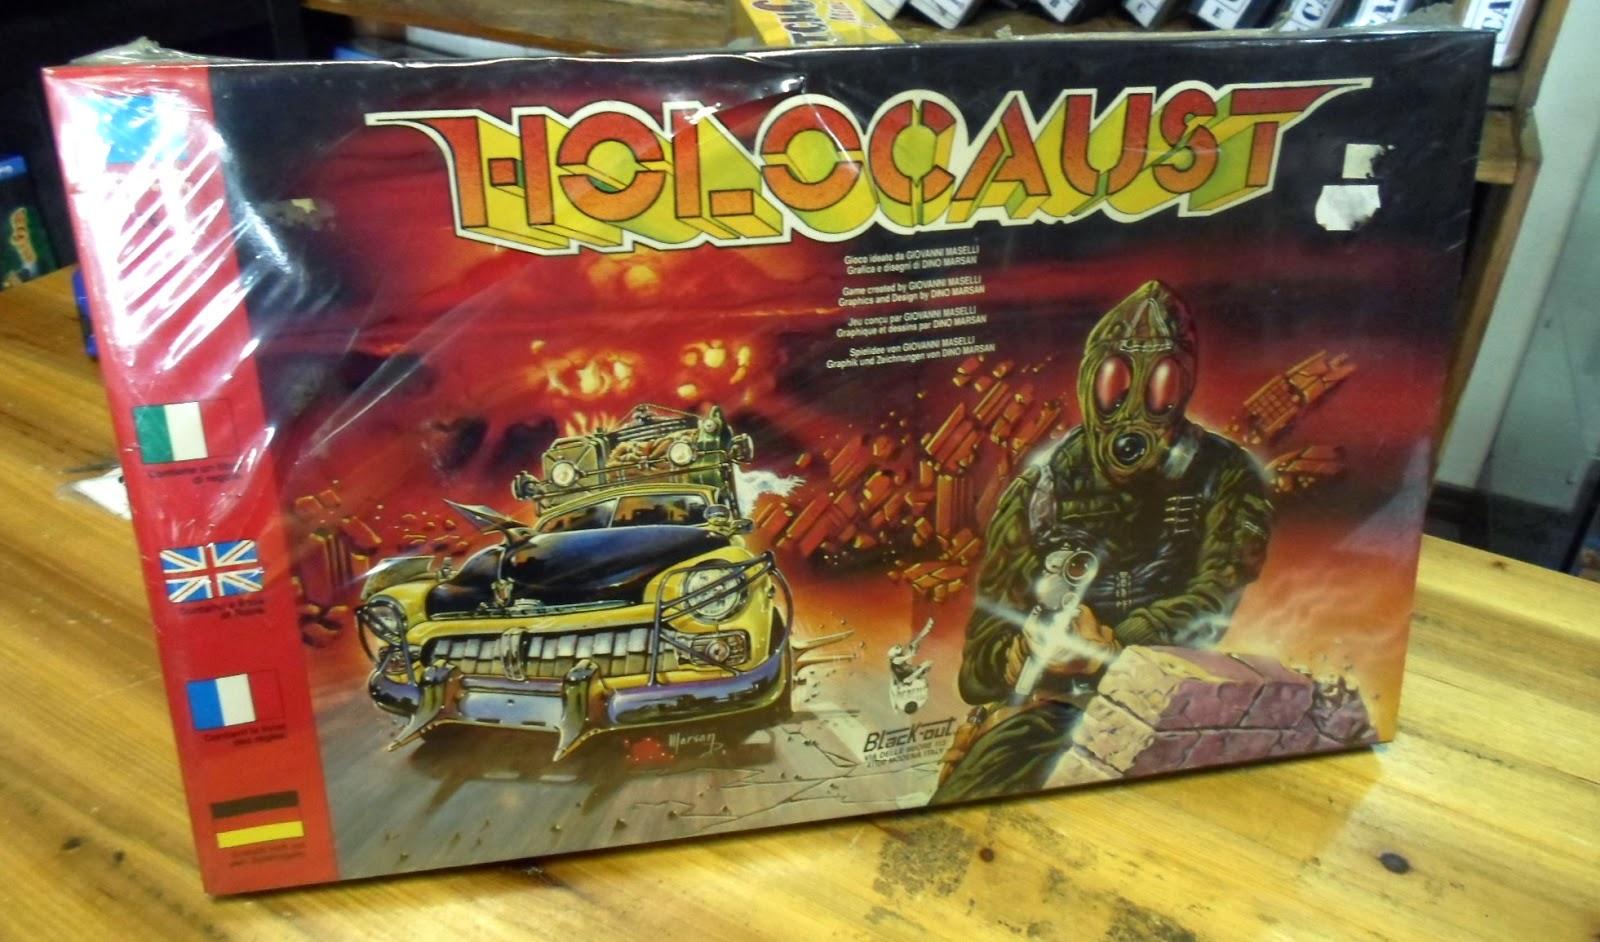 Holocaust il gioco da tavolo di figli dell 39 olocausto - Dungeon gioco da tavolo ...